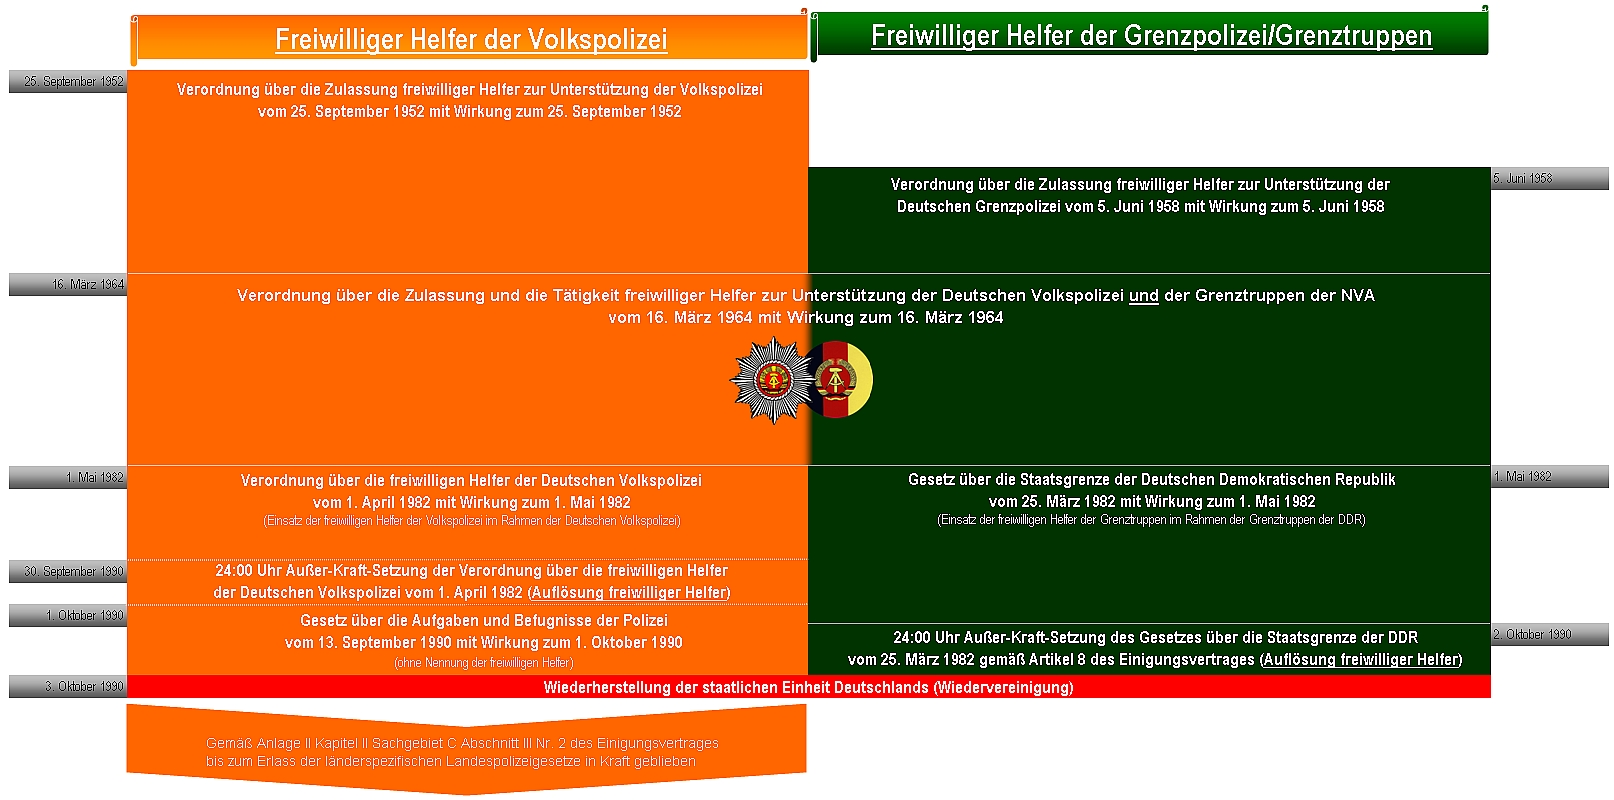 Gesetzliche Grundlagen der freiwilligen Helfer der Volkspolizei bzw. der Grenztruppen bis zu deren Auflösung